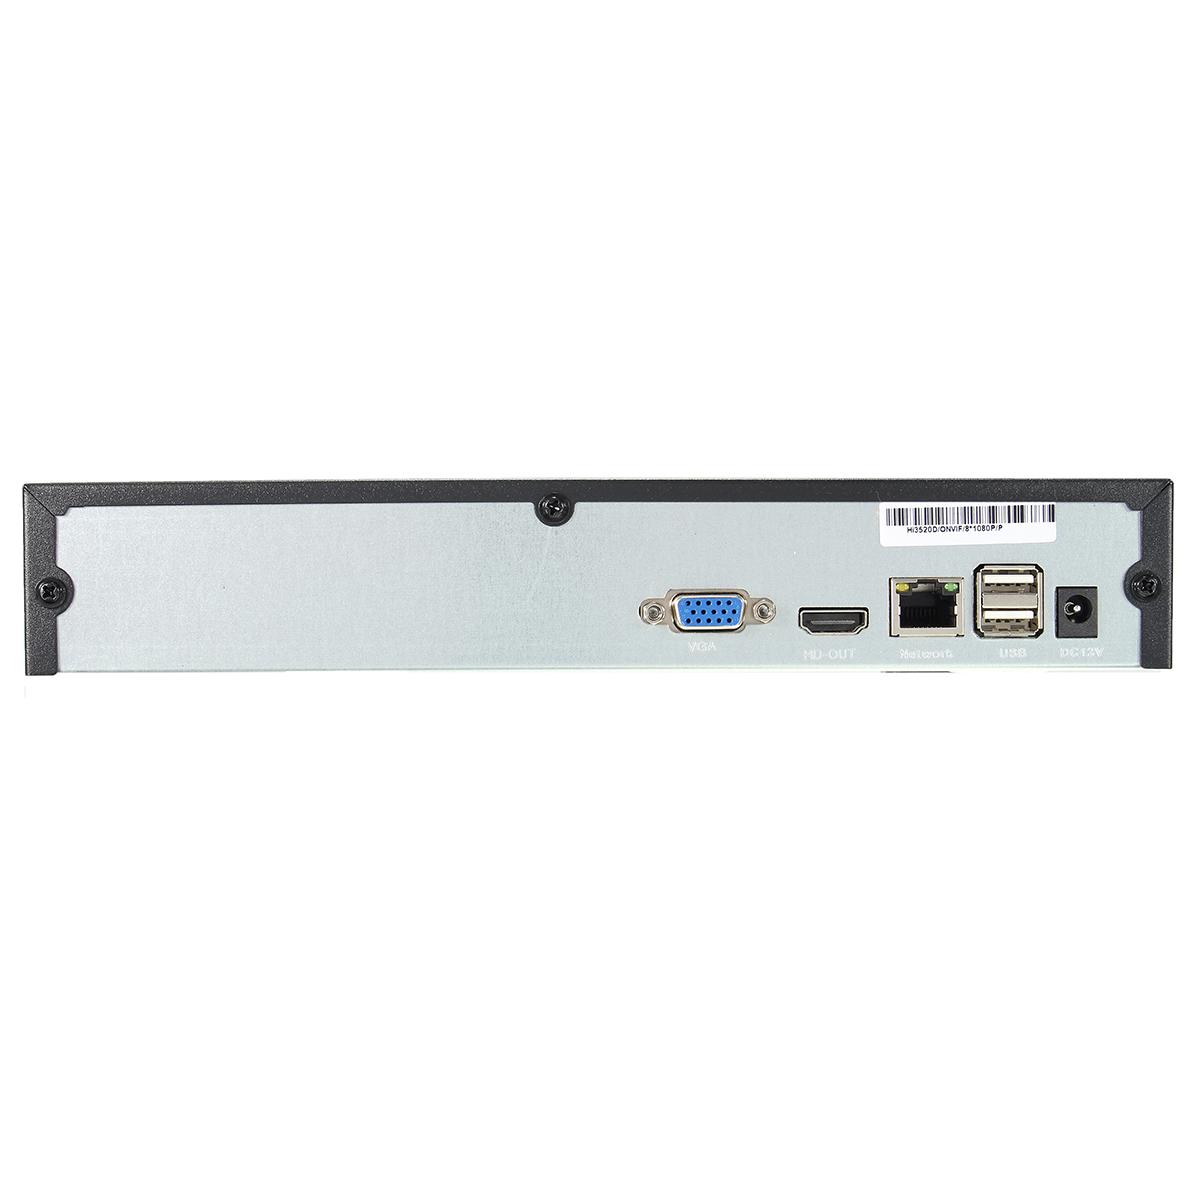 H.264 8CH 1080P Network NVR Video Recorder HD ONVIF P2P Cloud HDMI VGA USB